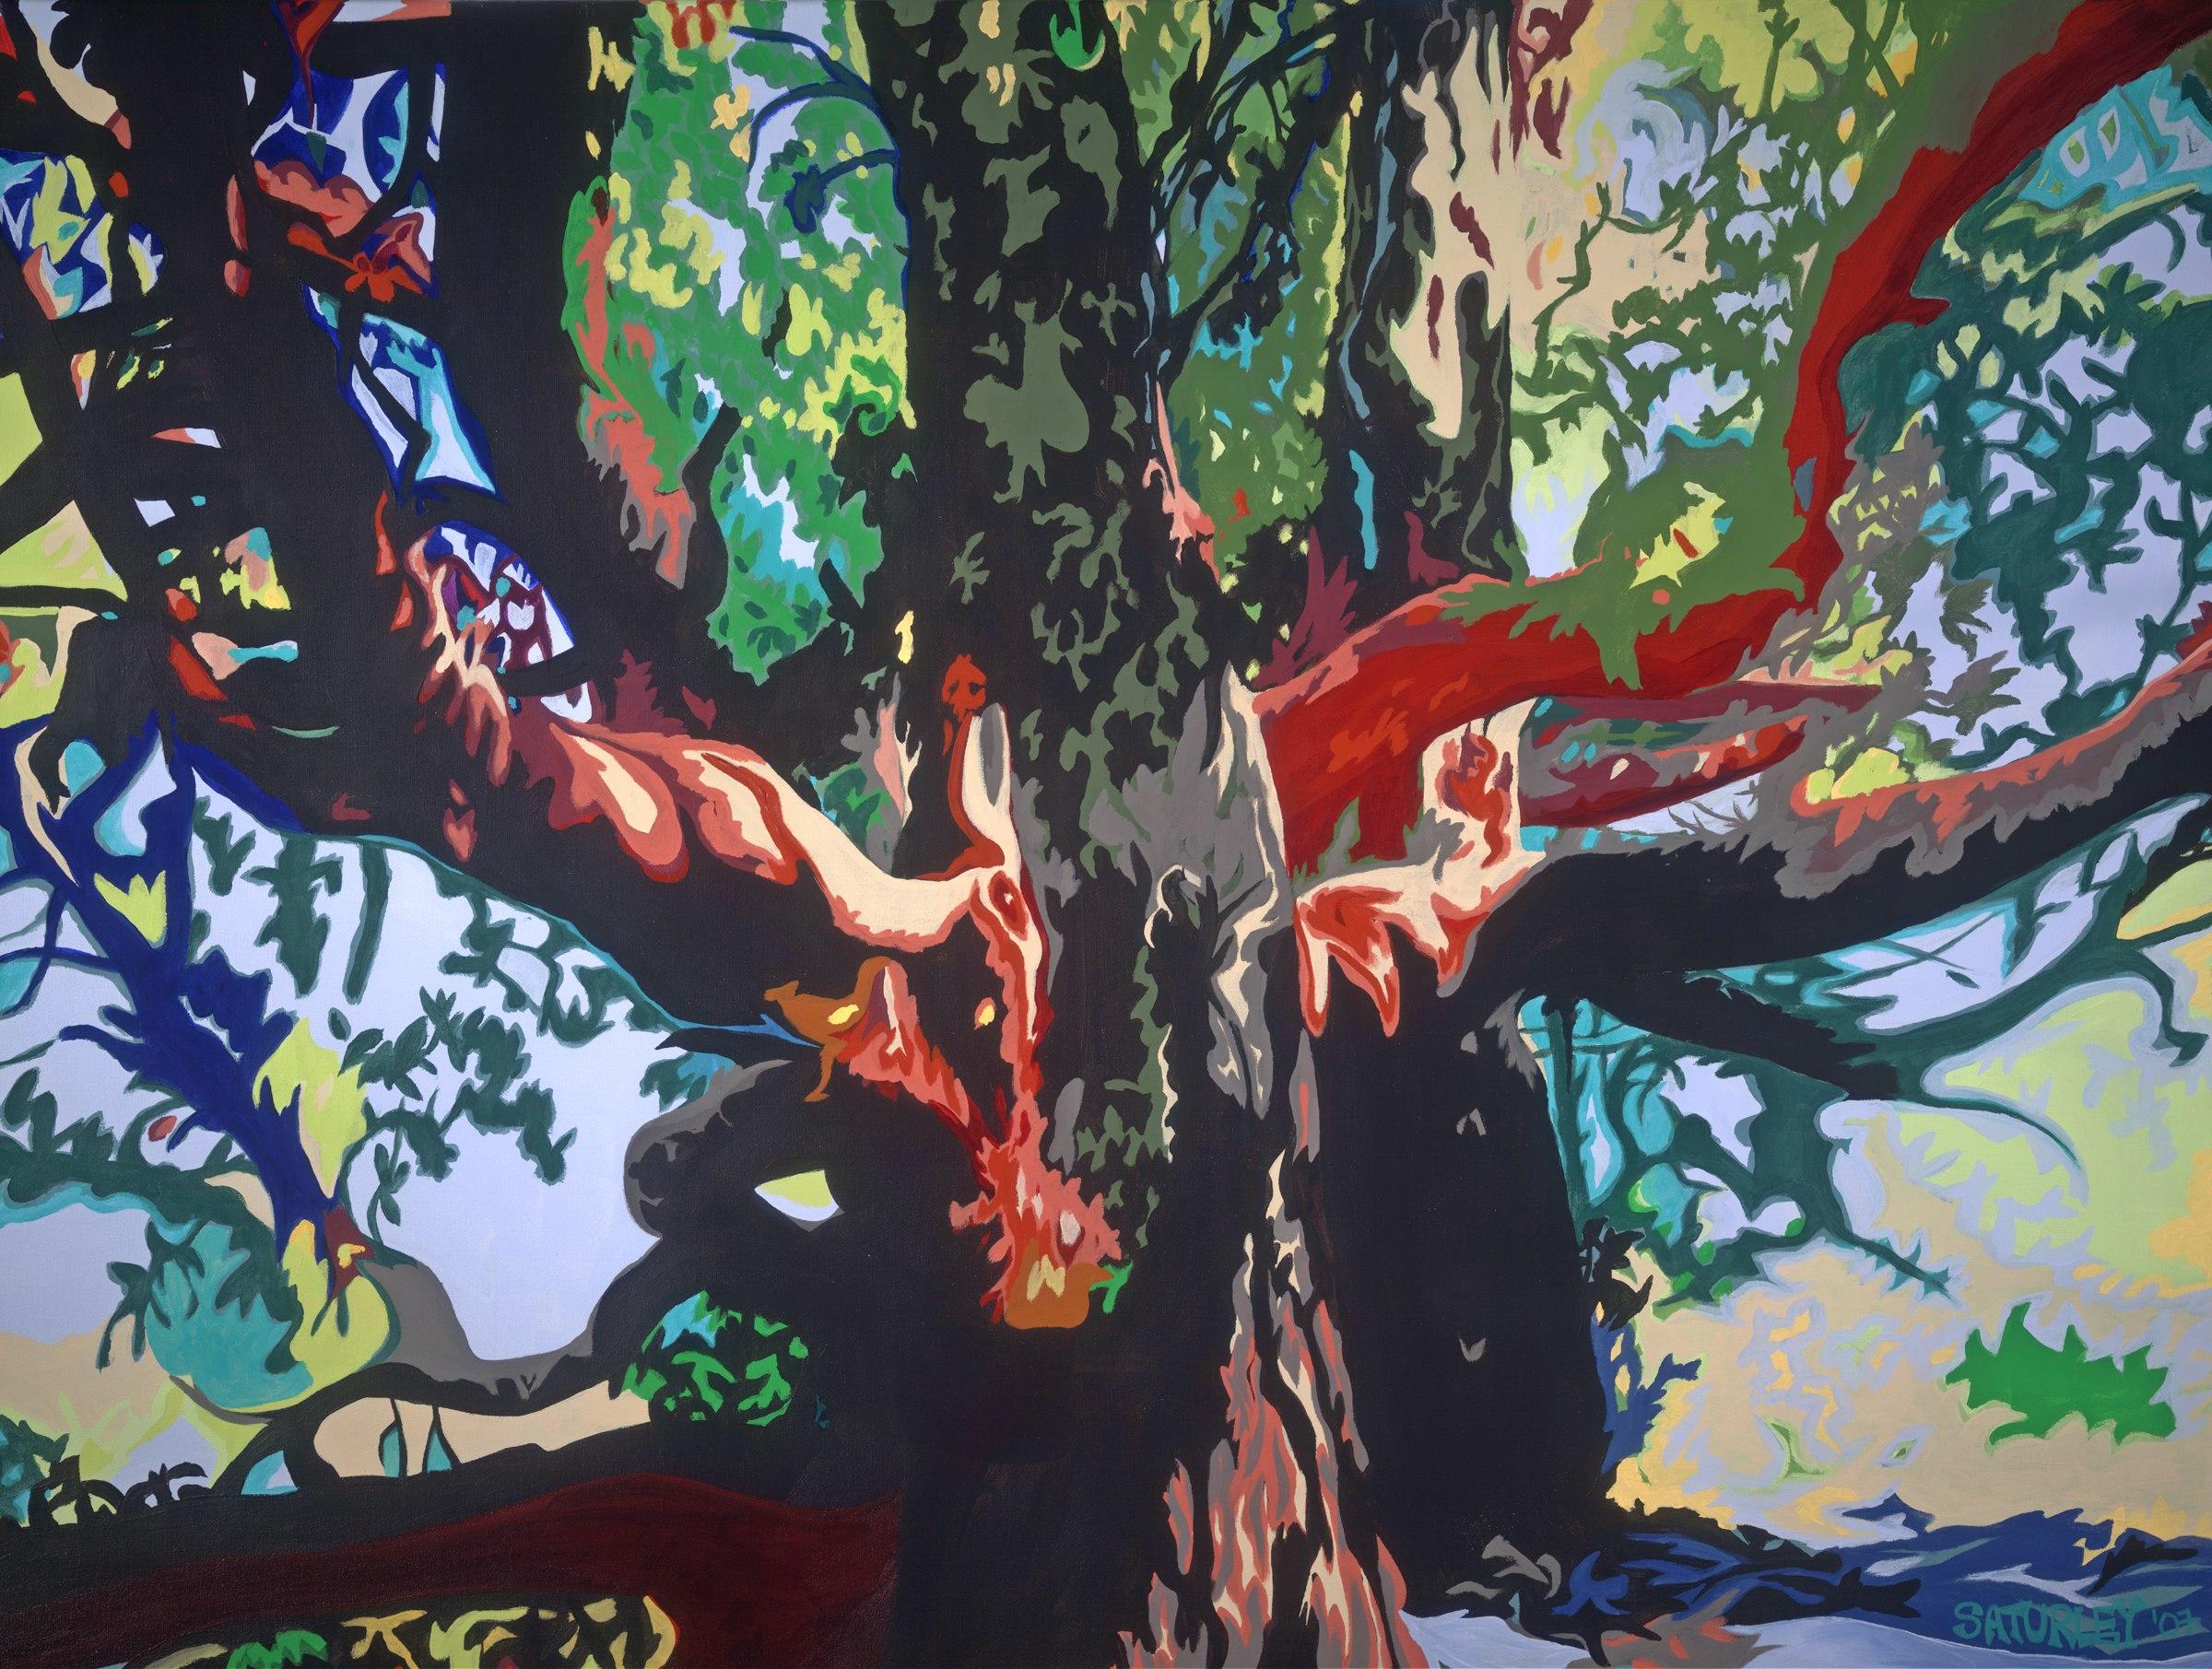 arbutus hug painting of arbutus trees